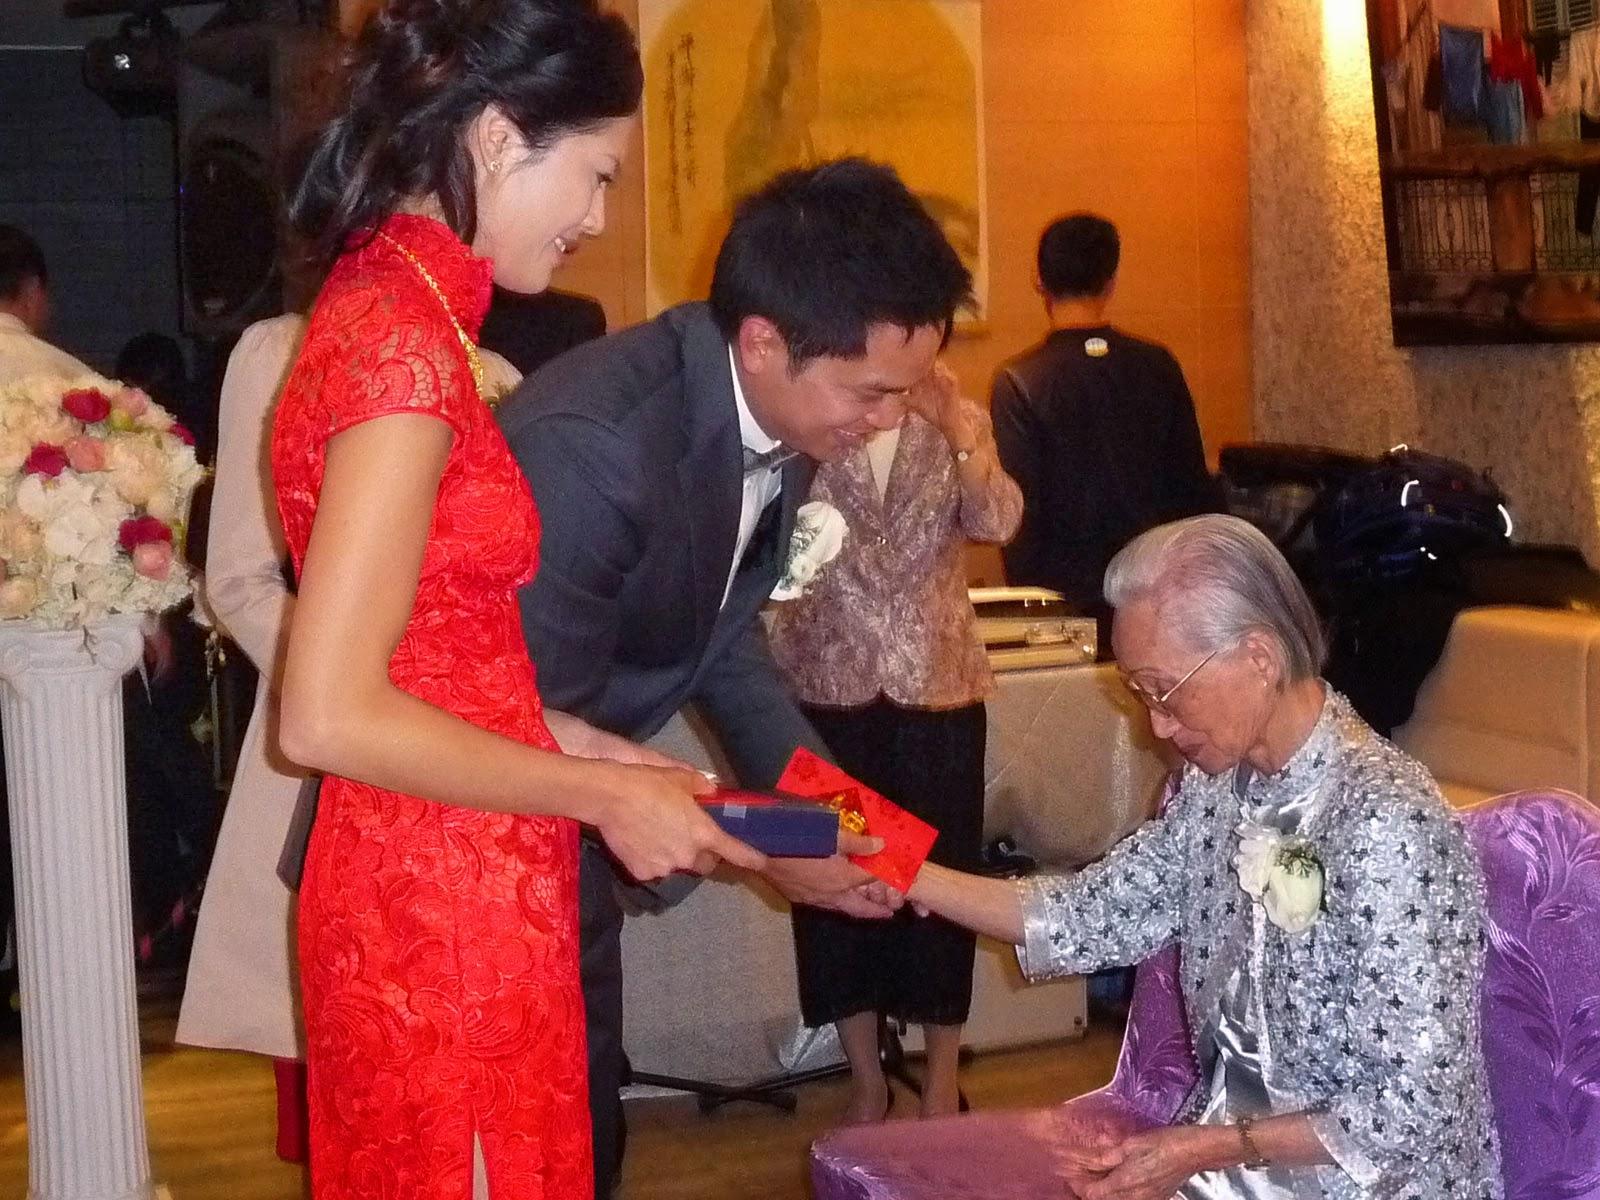 Thu and richard wedding